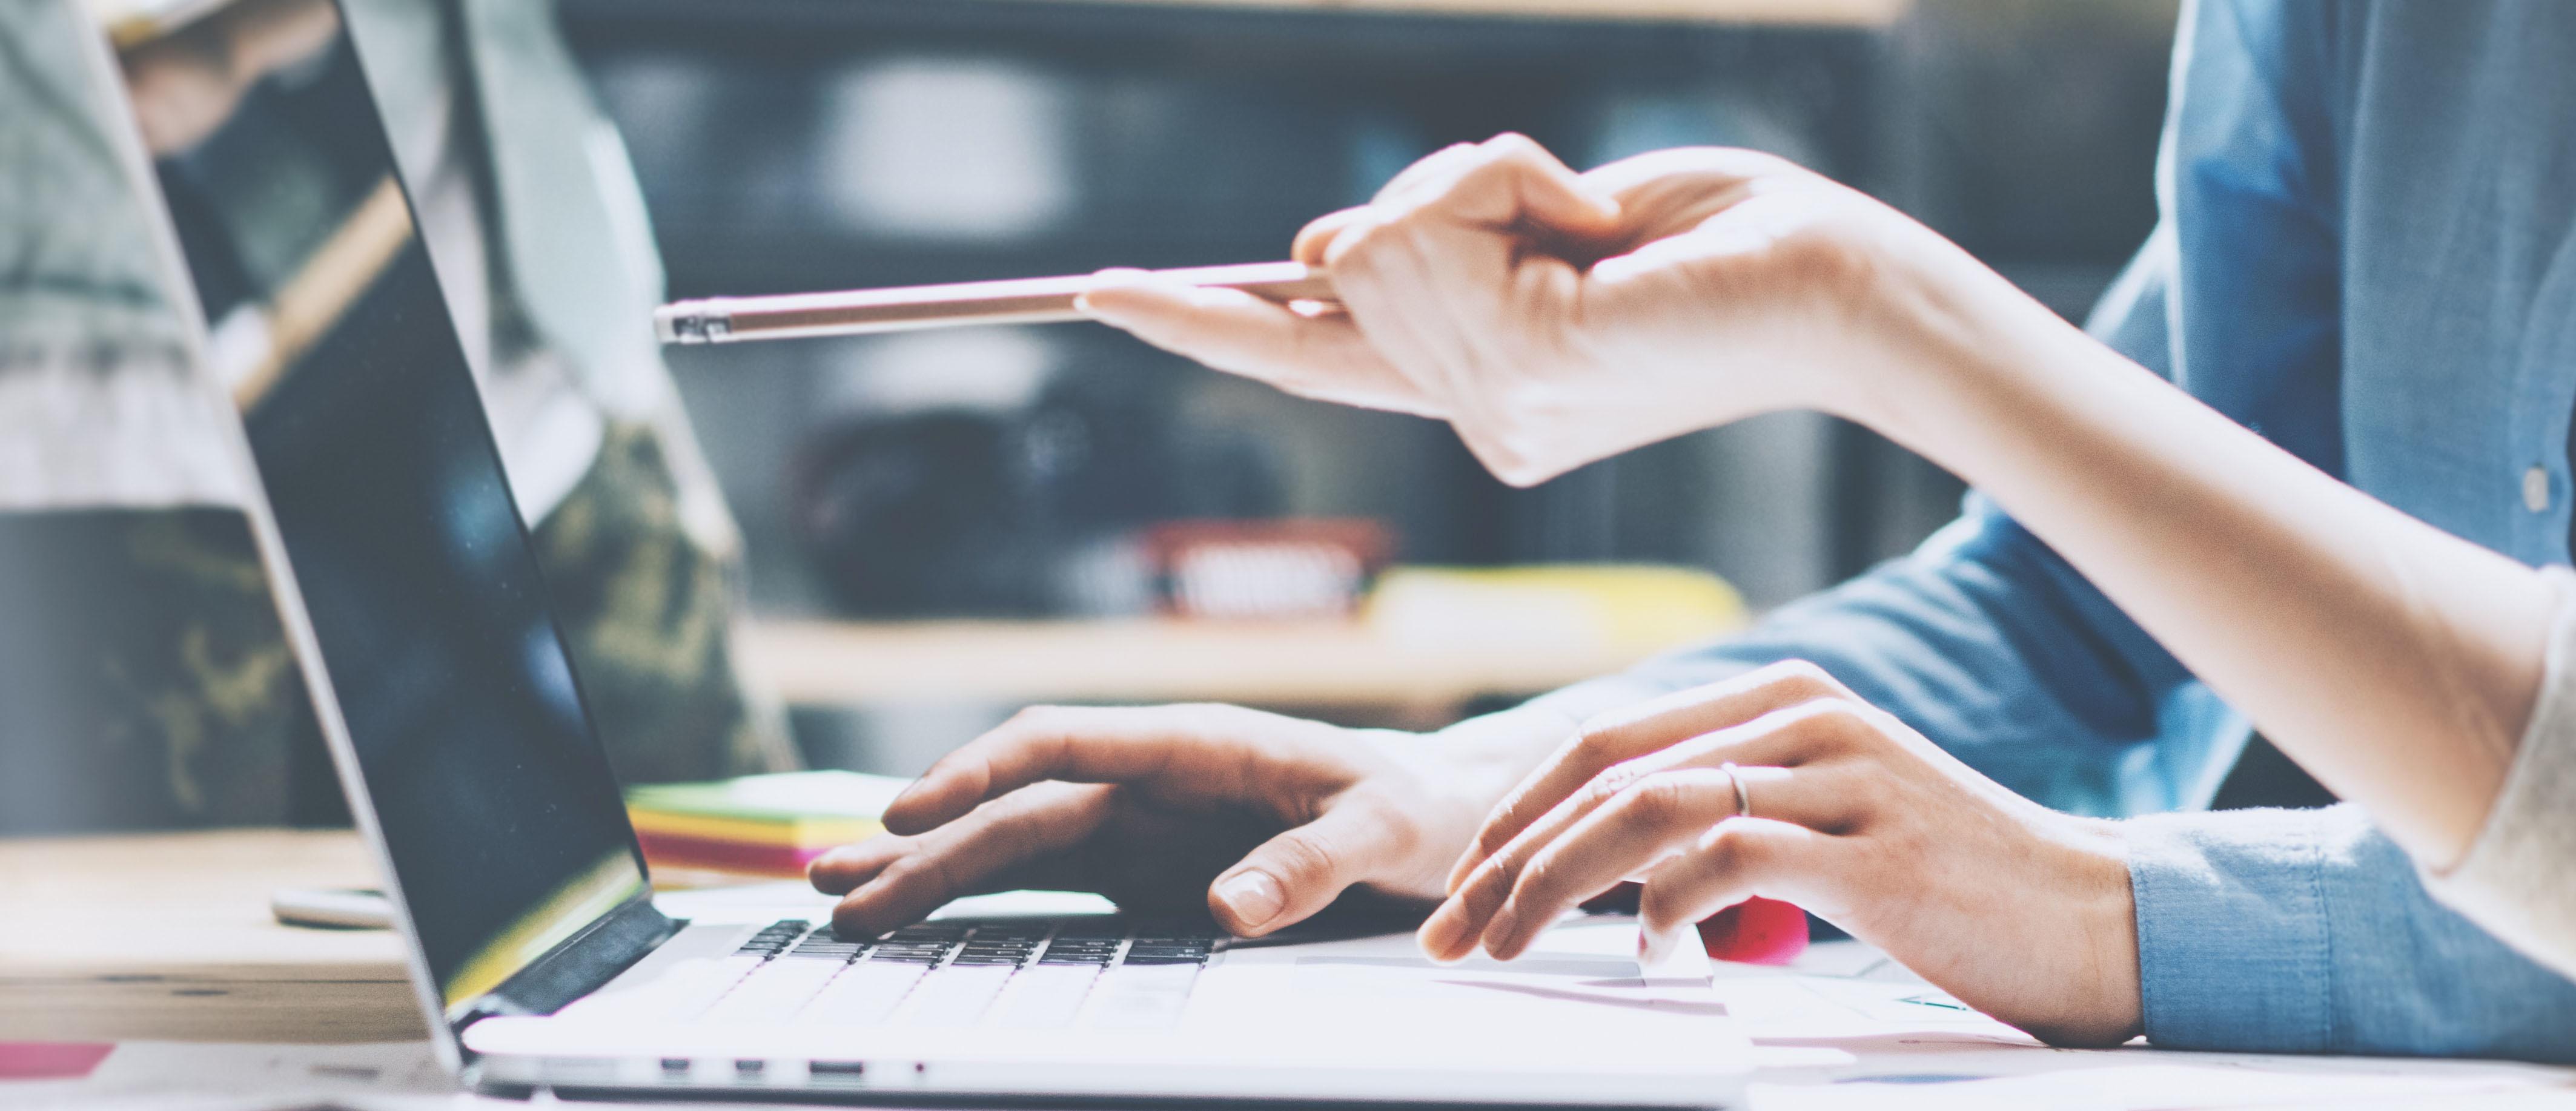 Hoe voeg je een sjabloon voor e-mail of documenten toe voor 'Meldingen'?